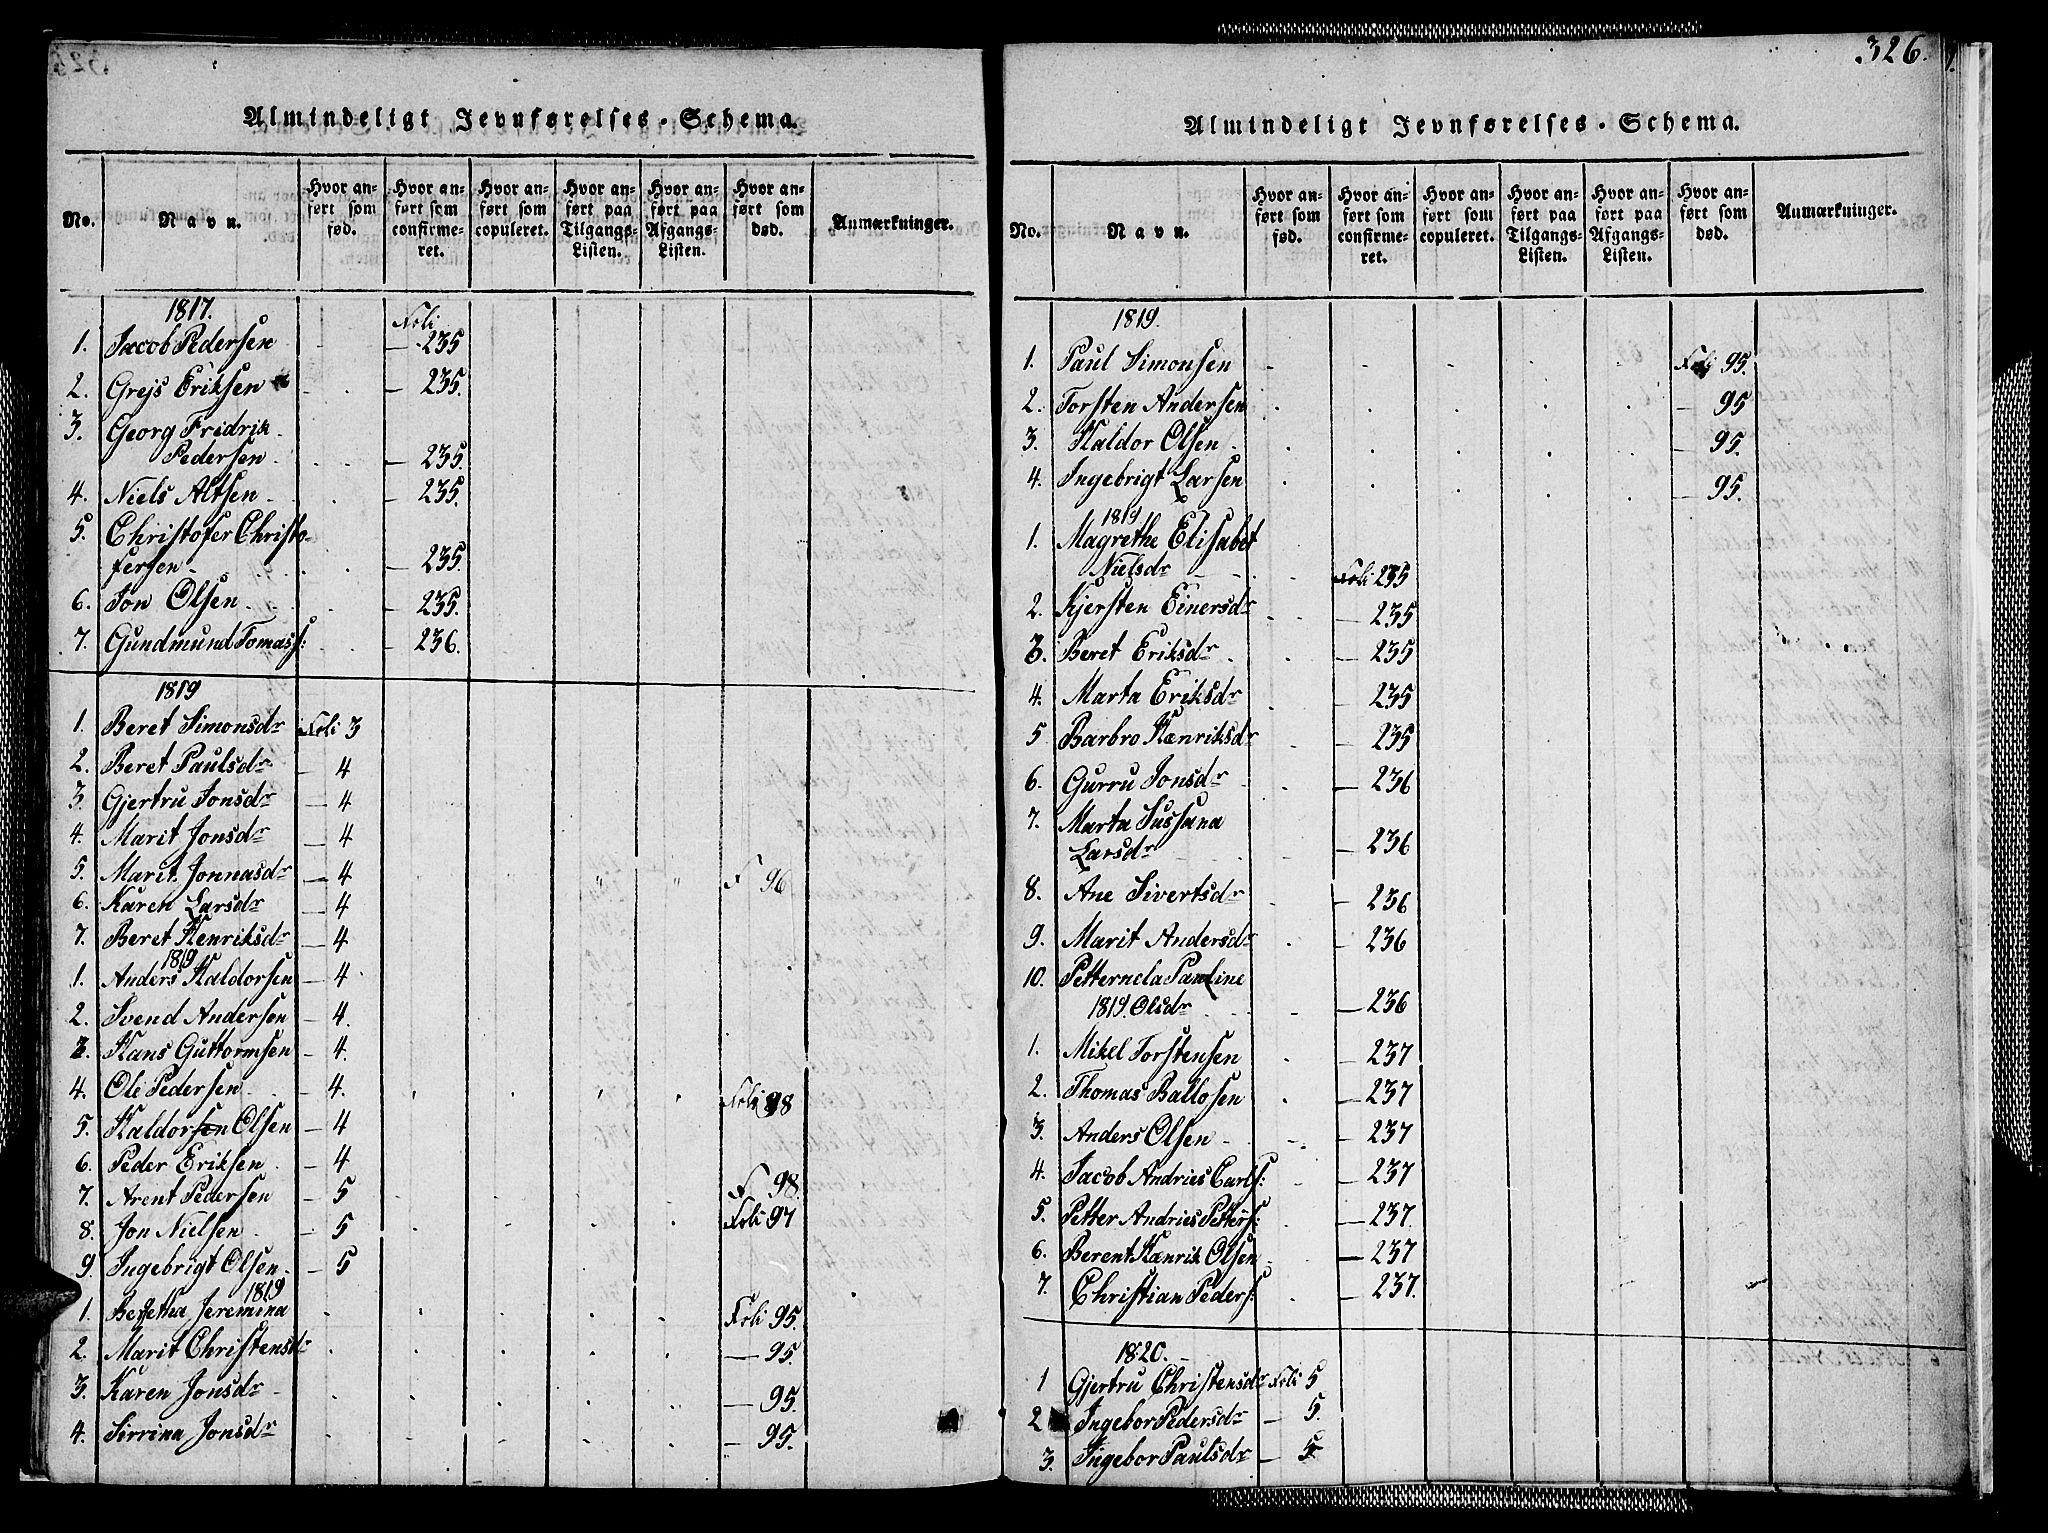 SAT, Ministerialprotokoller, klokkerbøker og fødselsregistre - Sør-Trøndelag, 608/L0336: Klokkerbok nr. 608C02, 1817-1827, s. 326